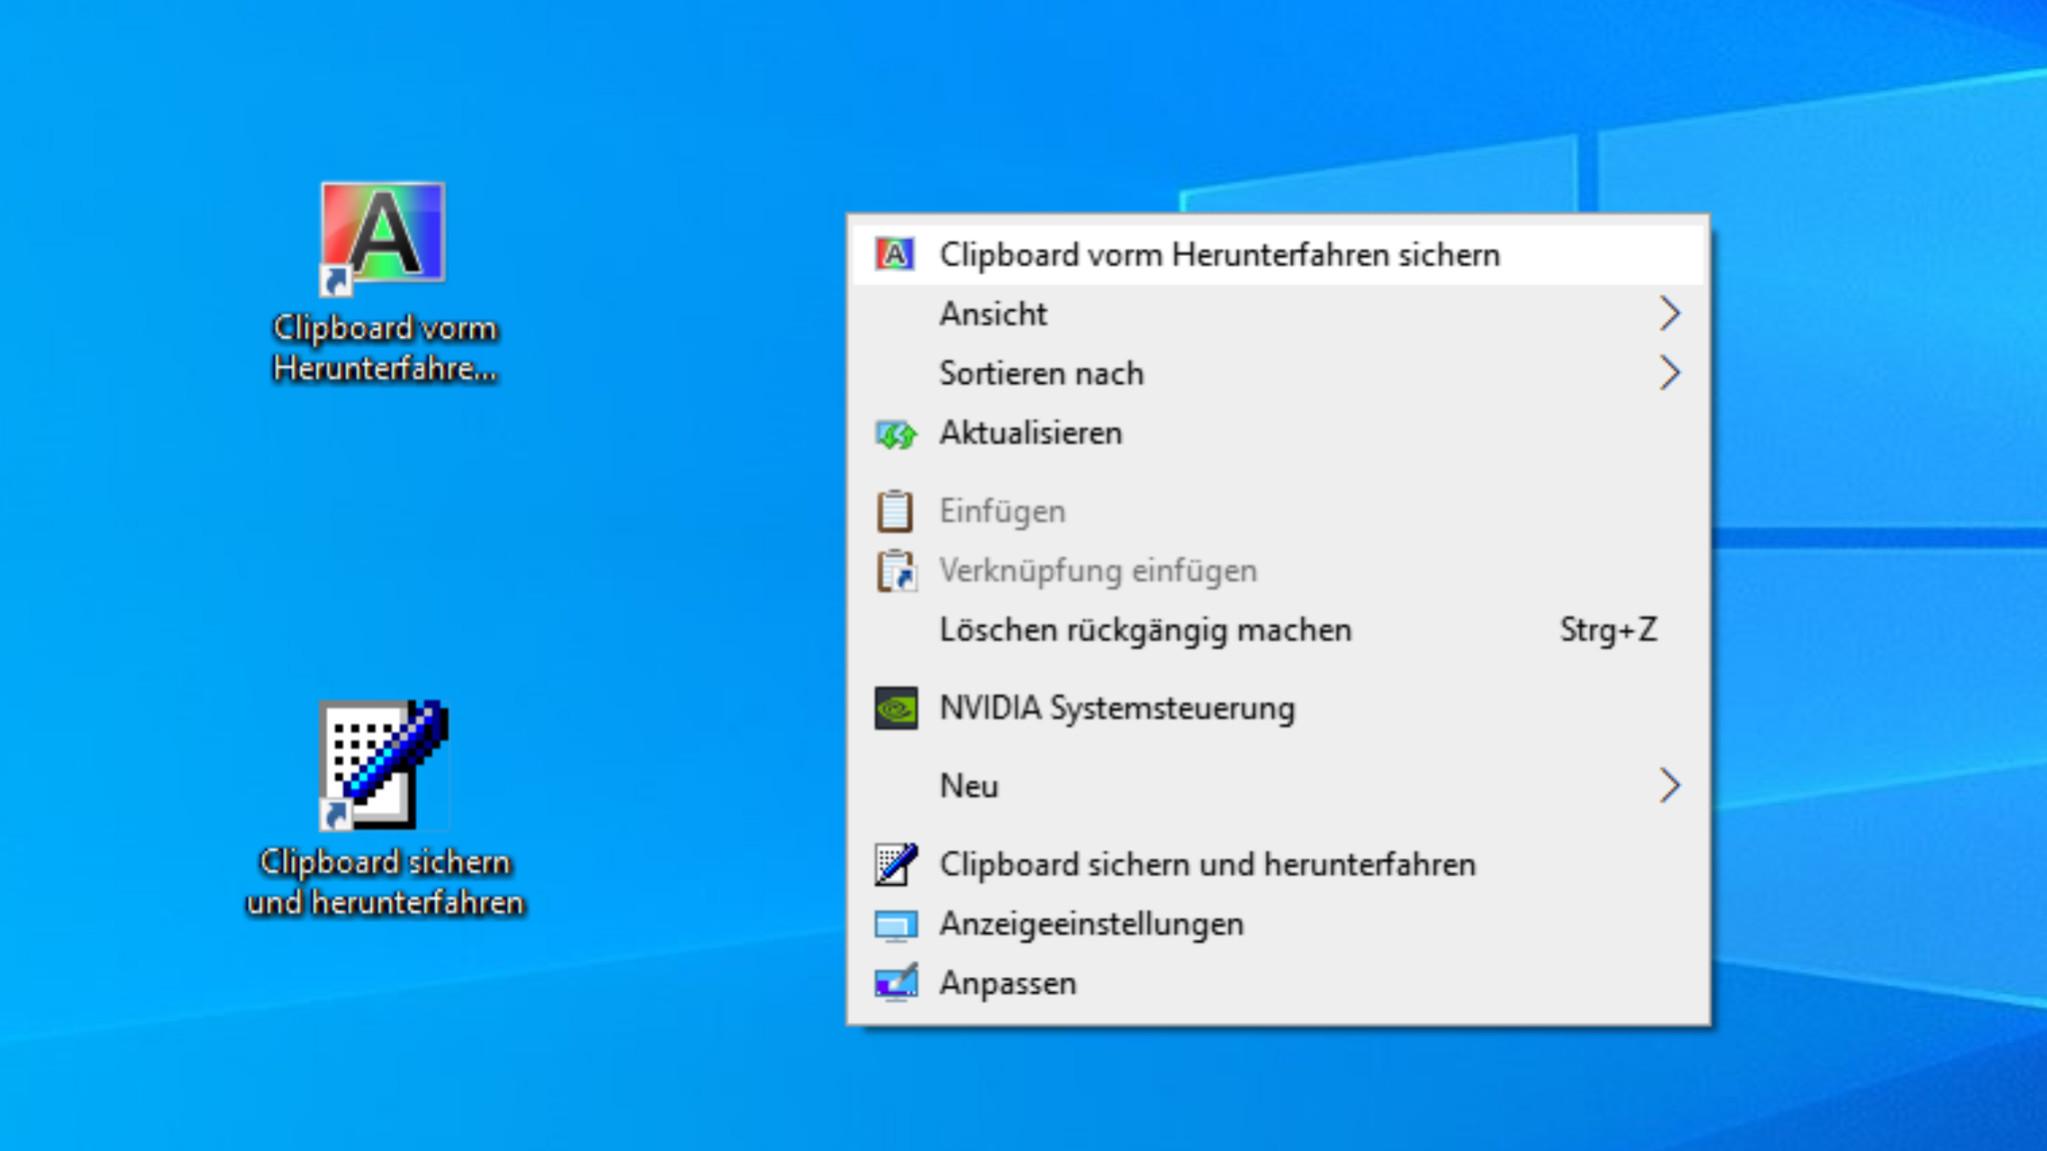 Screenshot 1 - Windows Clipboard Backup